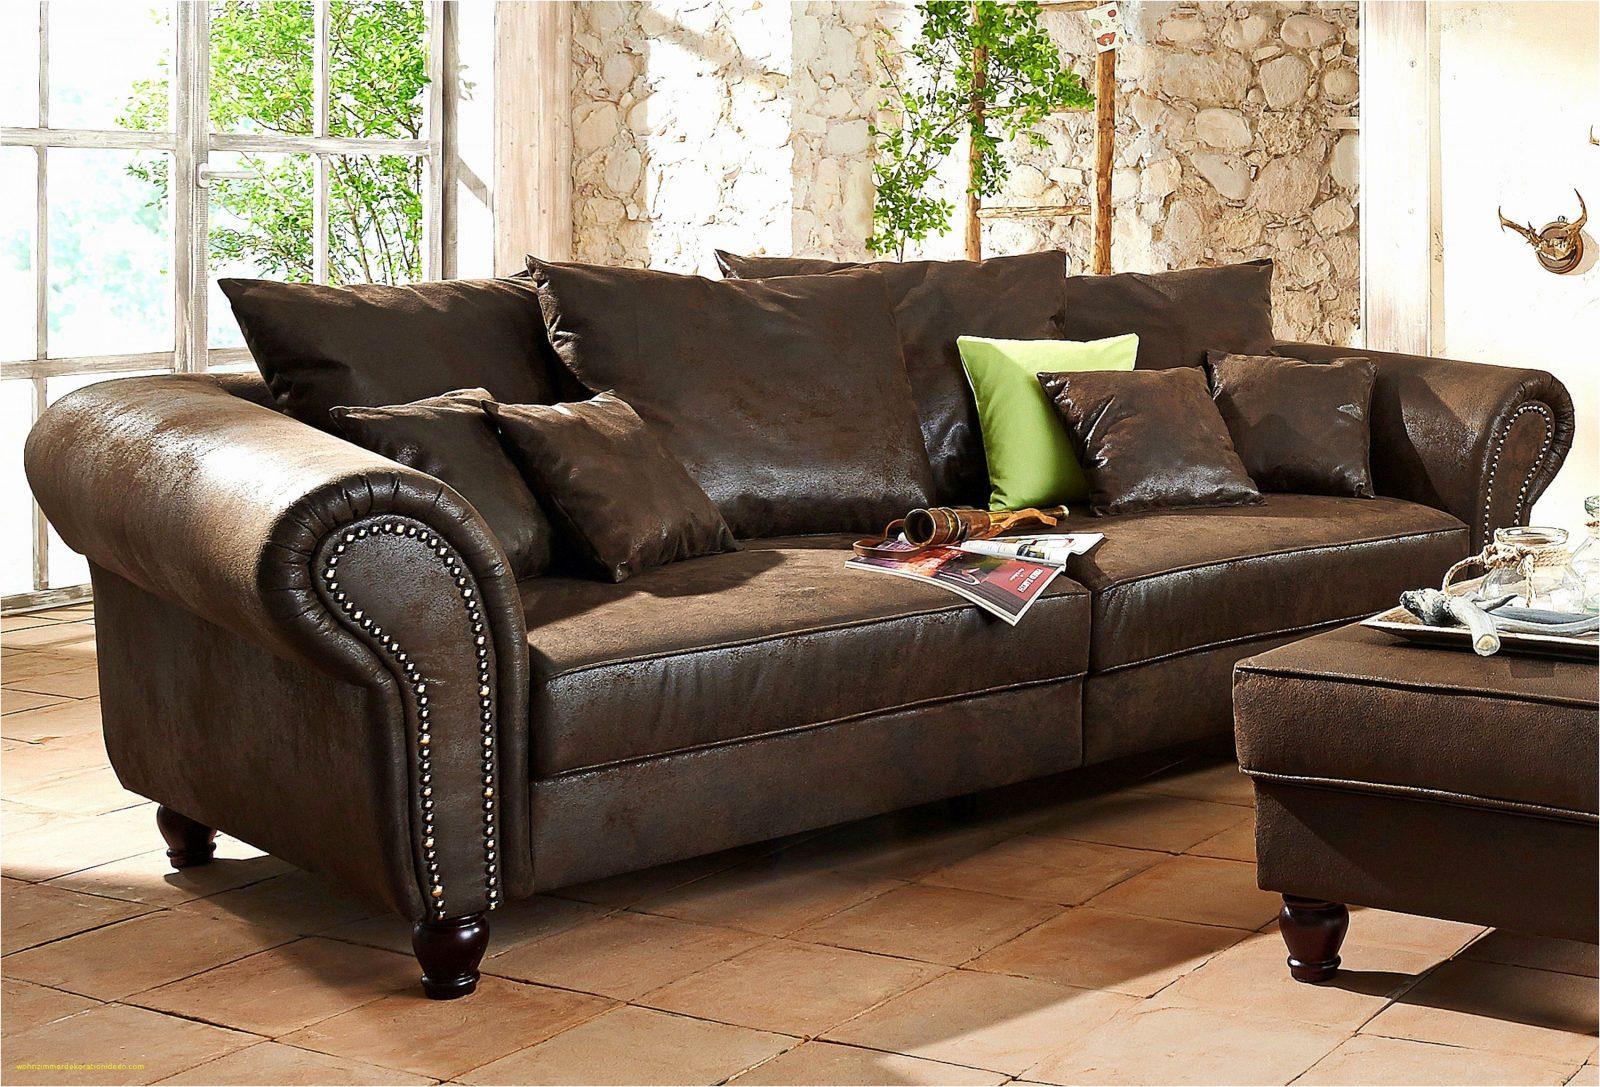 Top Ergebnis Chesterfield Sofa Xxl Frisch Couch Auf Raten Best von Couch Auf Raten Trotz Schufa Bild